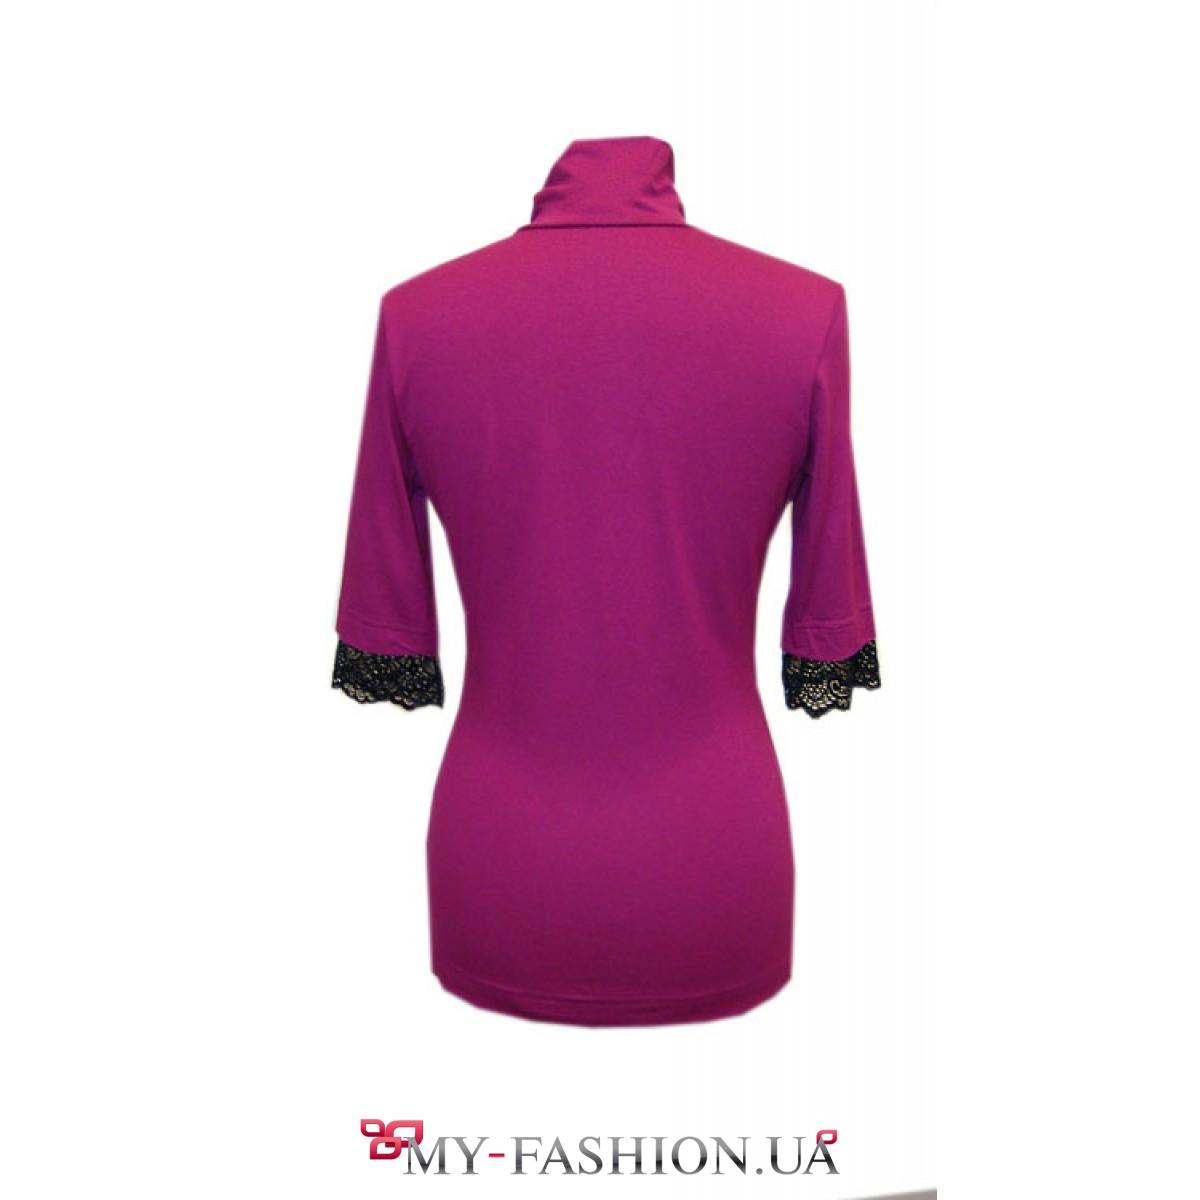 Блузки купить стильные